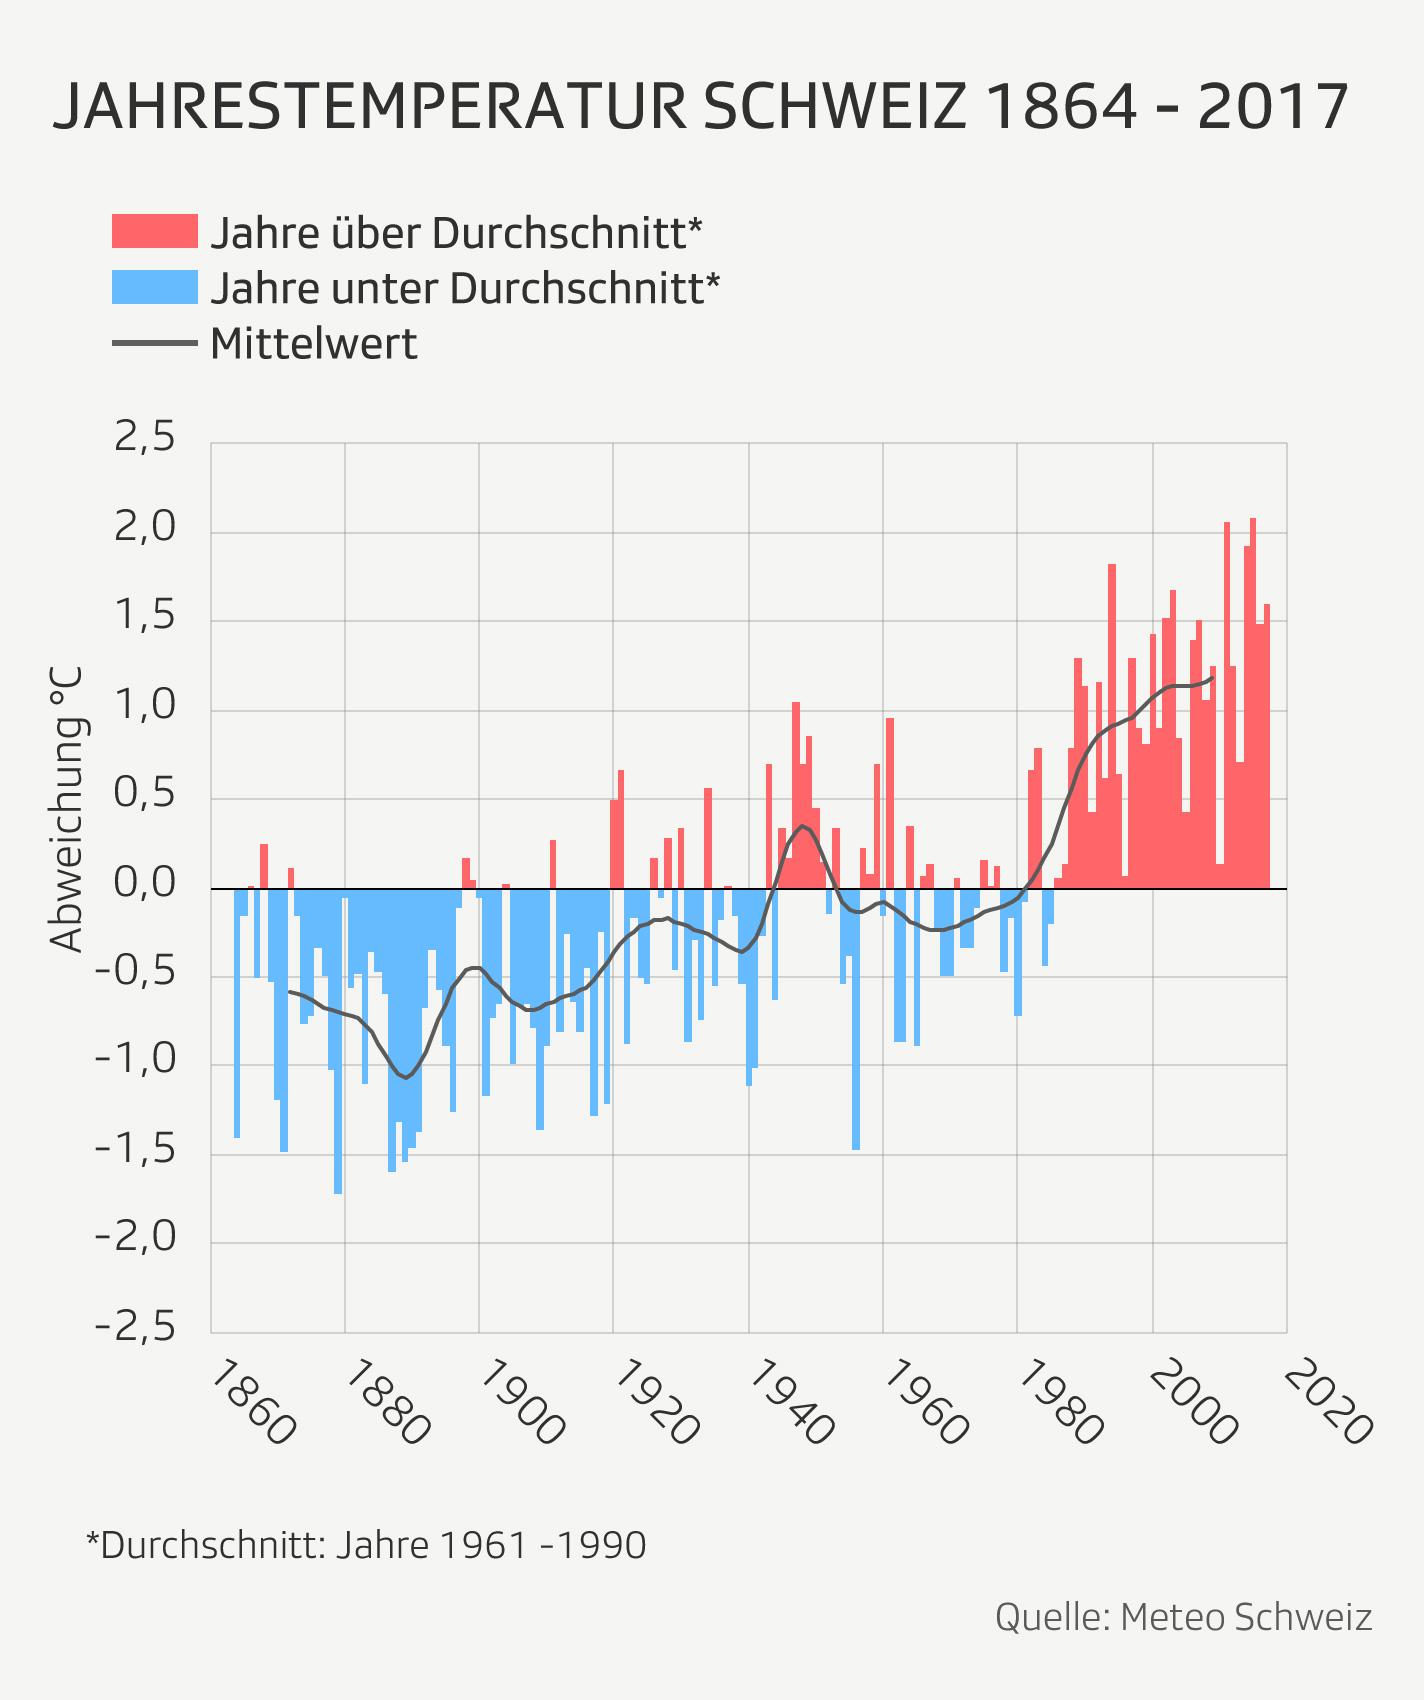 Jahrestemperatur der Schweiz von 1864 bis 2017